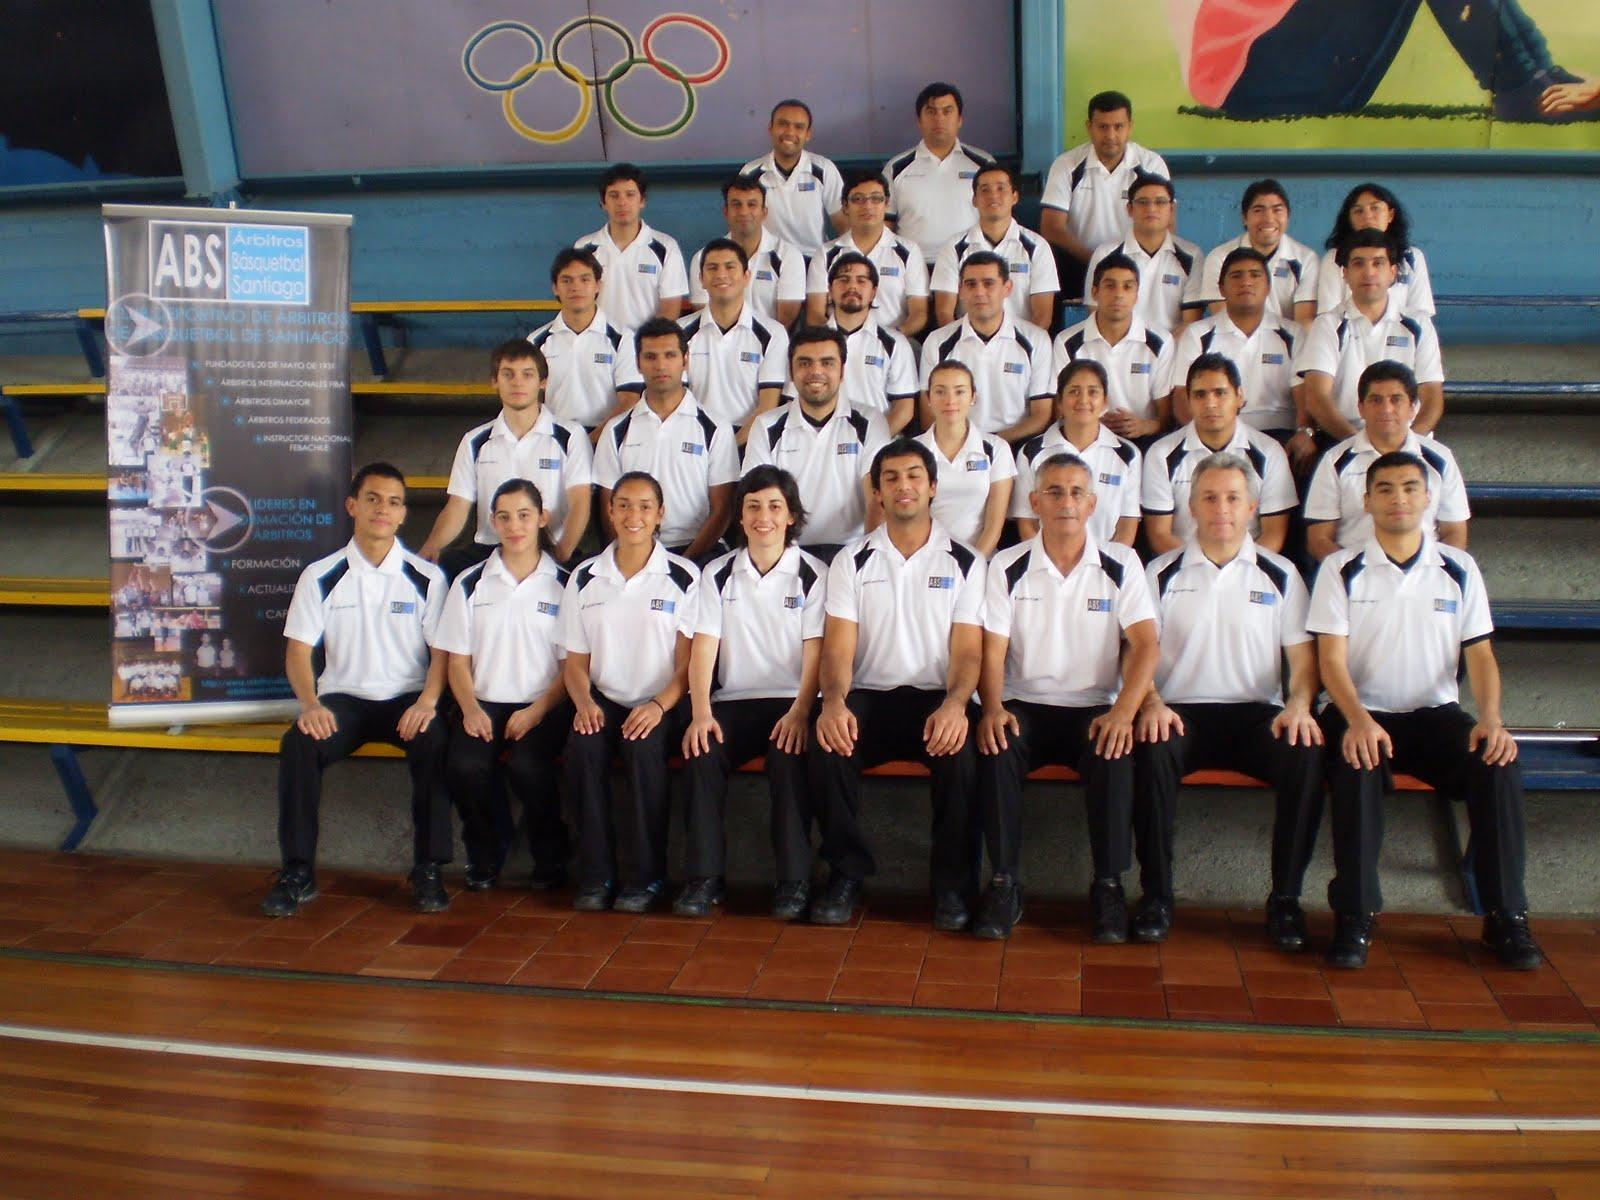 Club deportivo de rbitros de b squetbol de santiago - Proyecto club deportivo ...